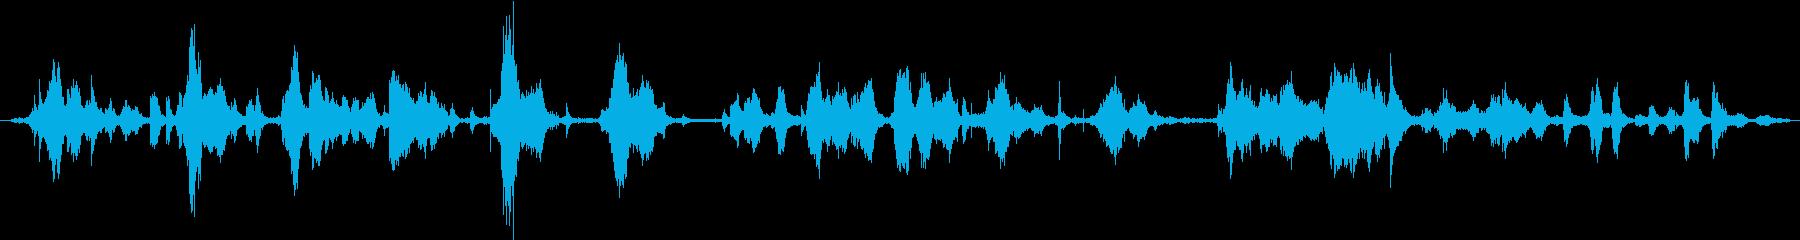 遊び場 トランポリン02の再生済みの波形